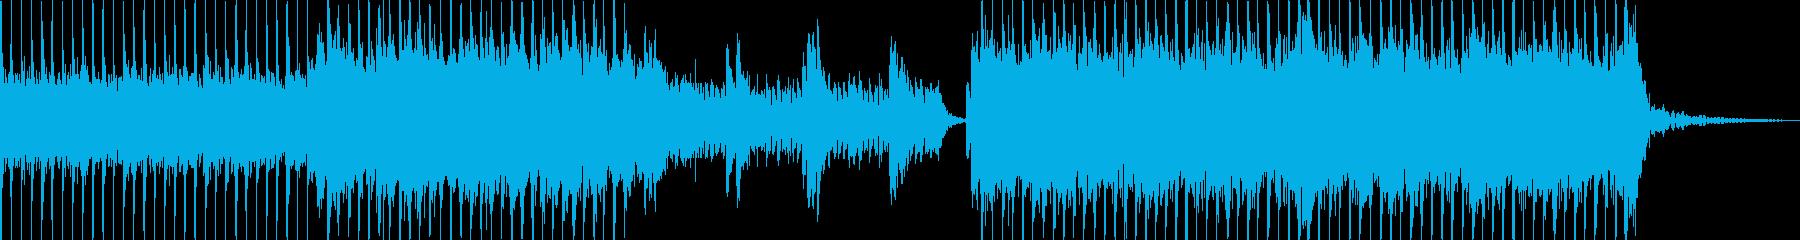 ロック、ポップ、デジタルの再生済みの波形